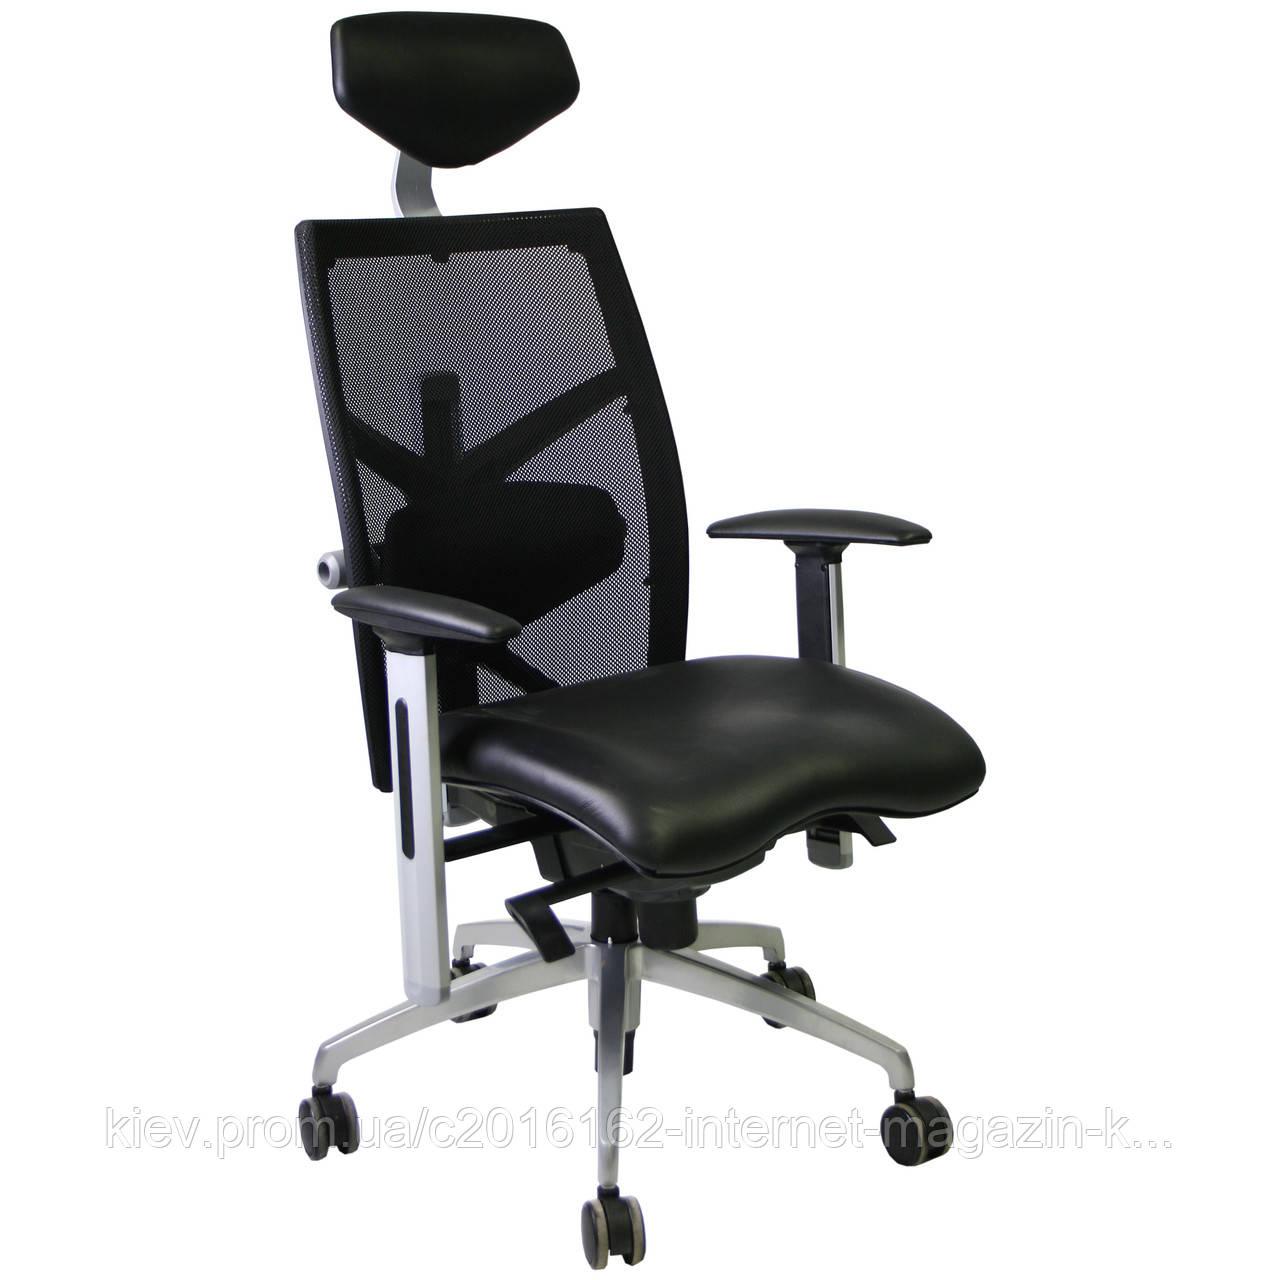 Кресло офисное EXACT Black  leather/mesh